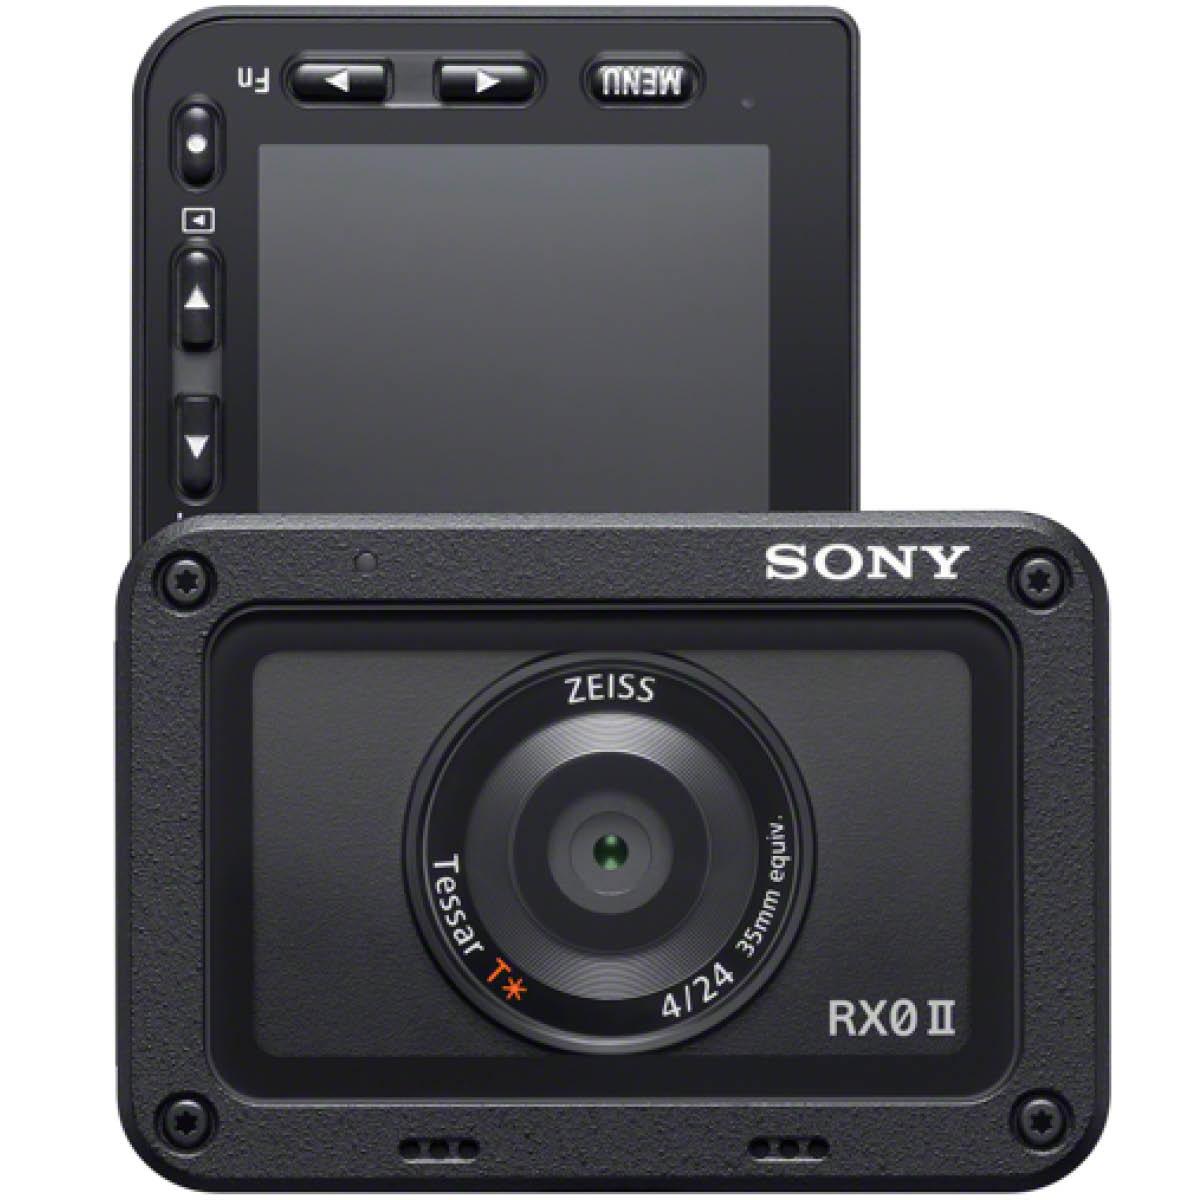 Sony DSC-RX0 II Kit inkl. VCT-SGR1